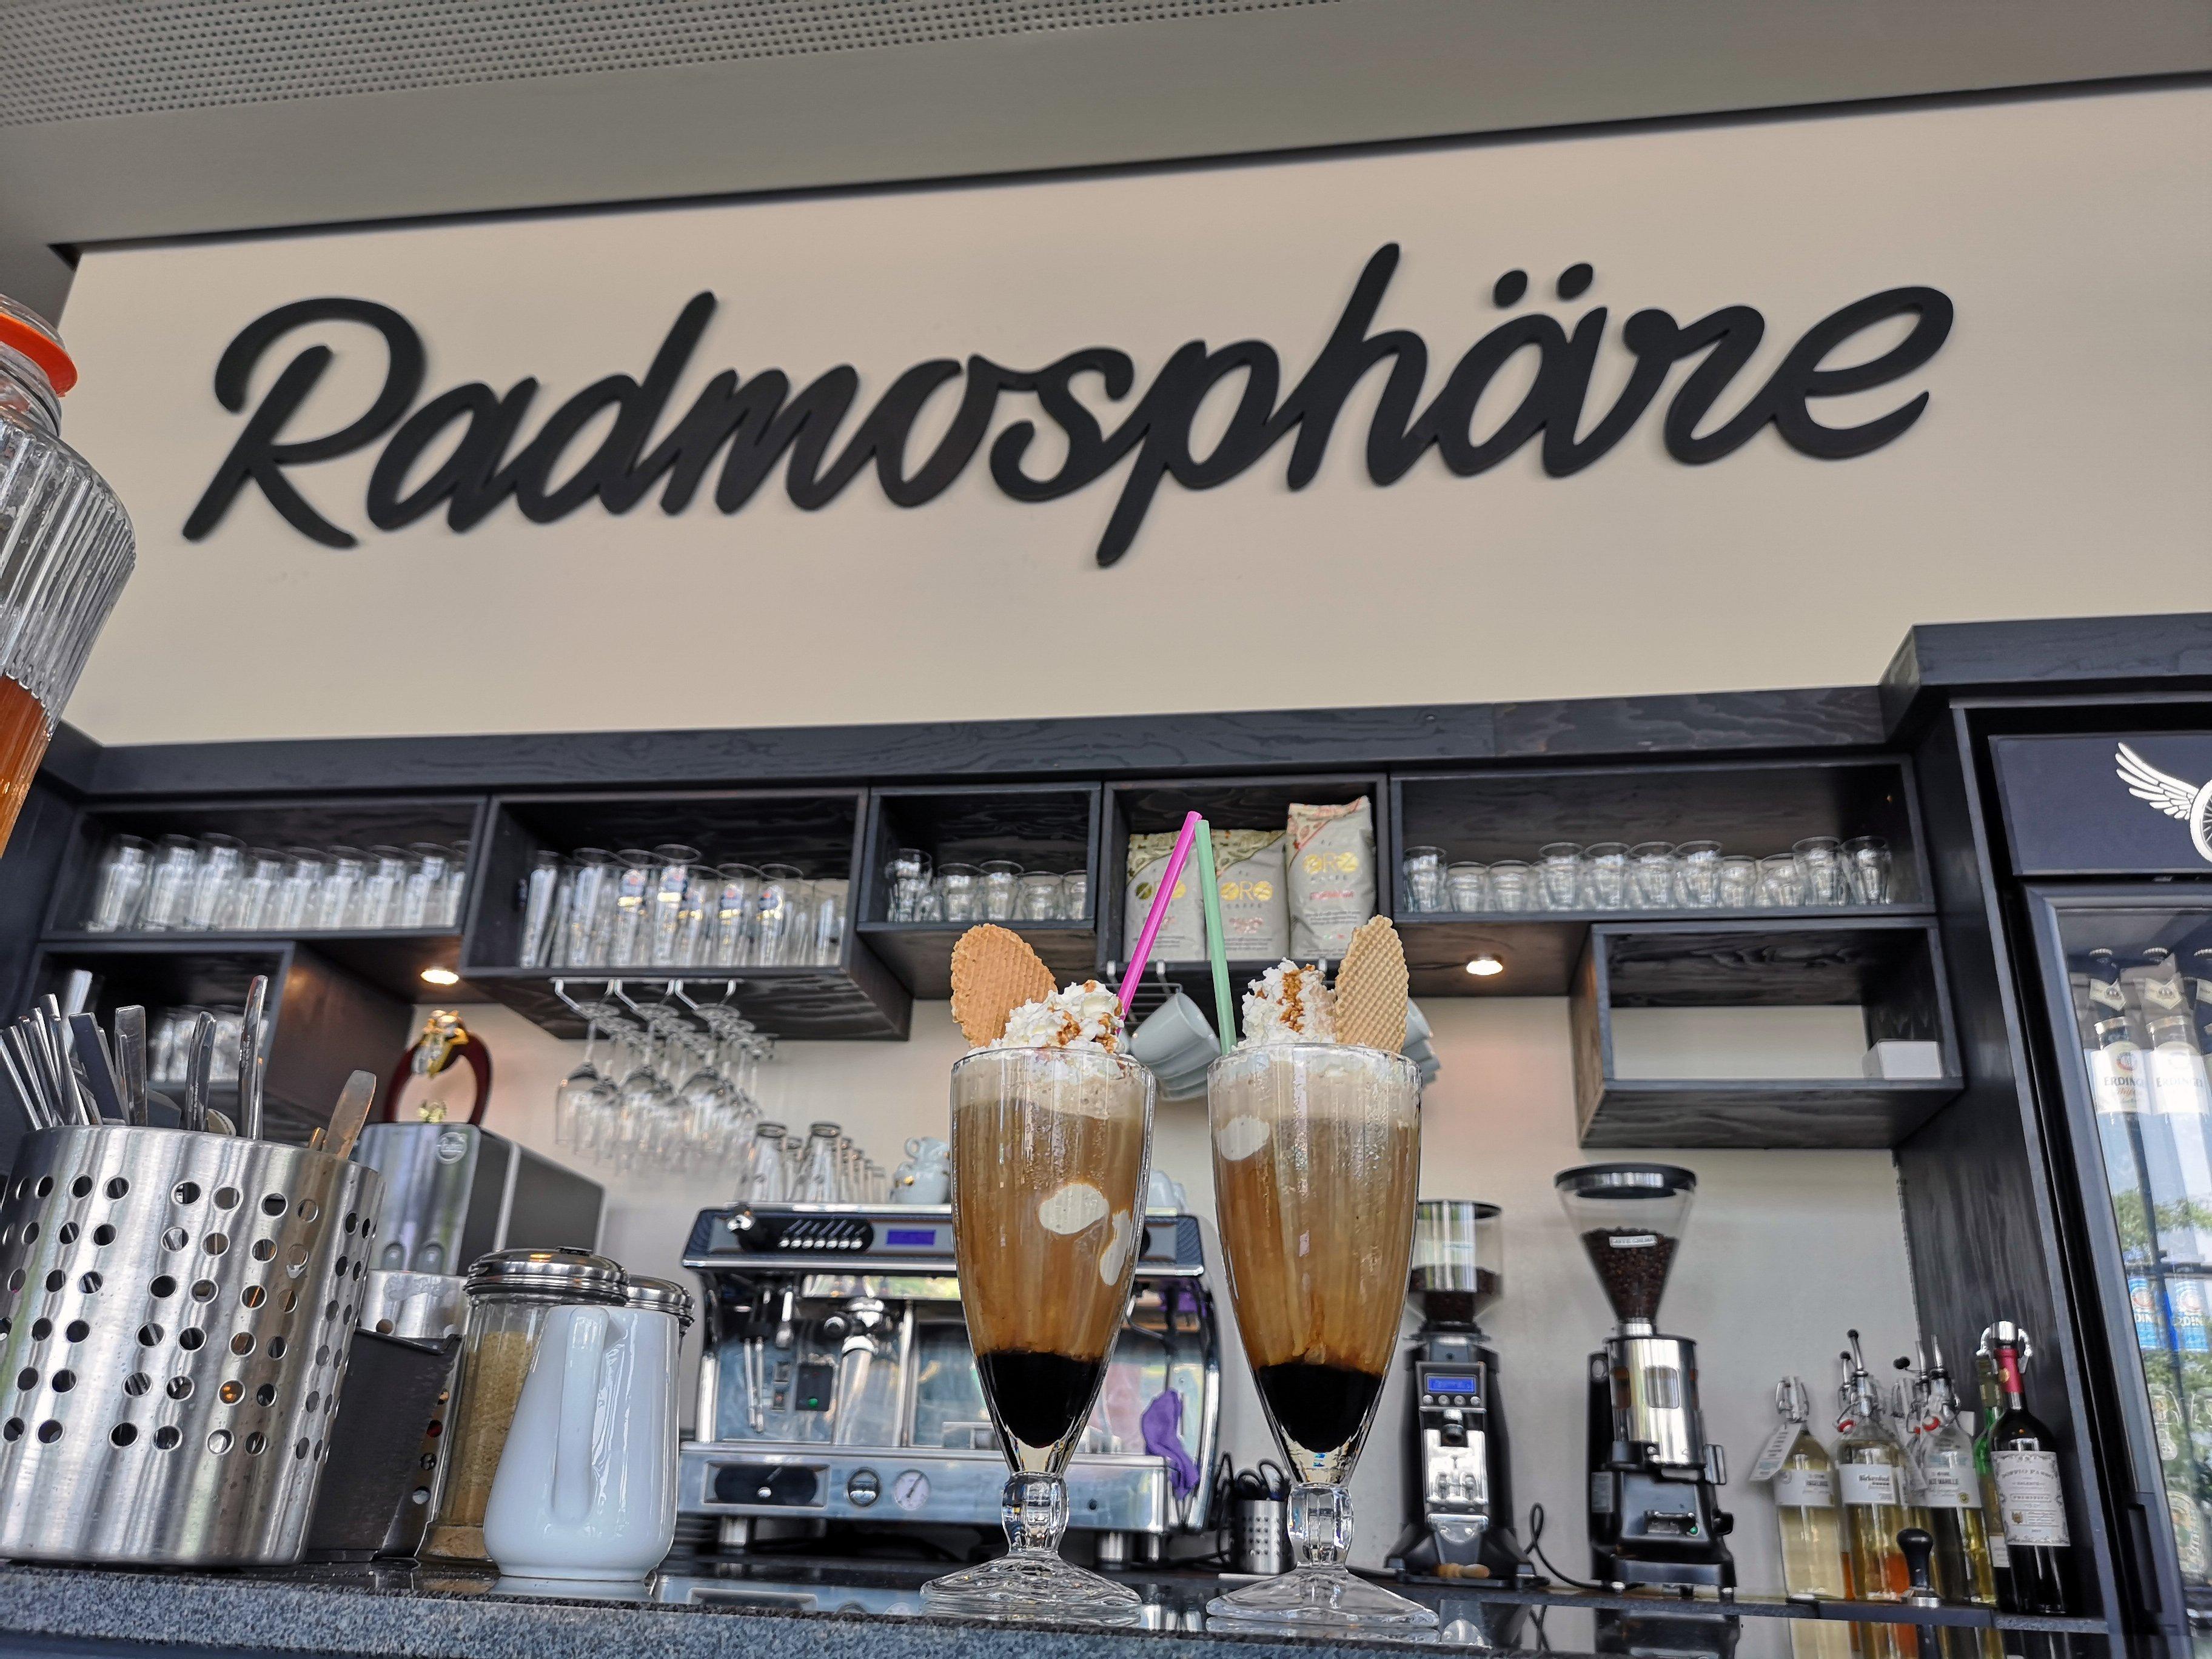 Das Bild zeigt zwei Eiskaffees auf der Theke der Radmosphäre